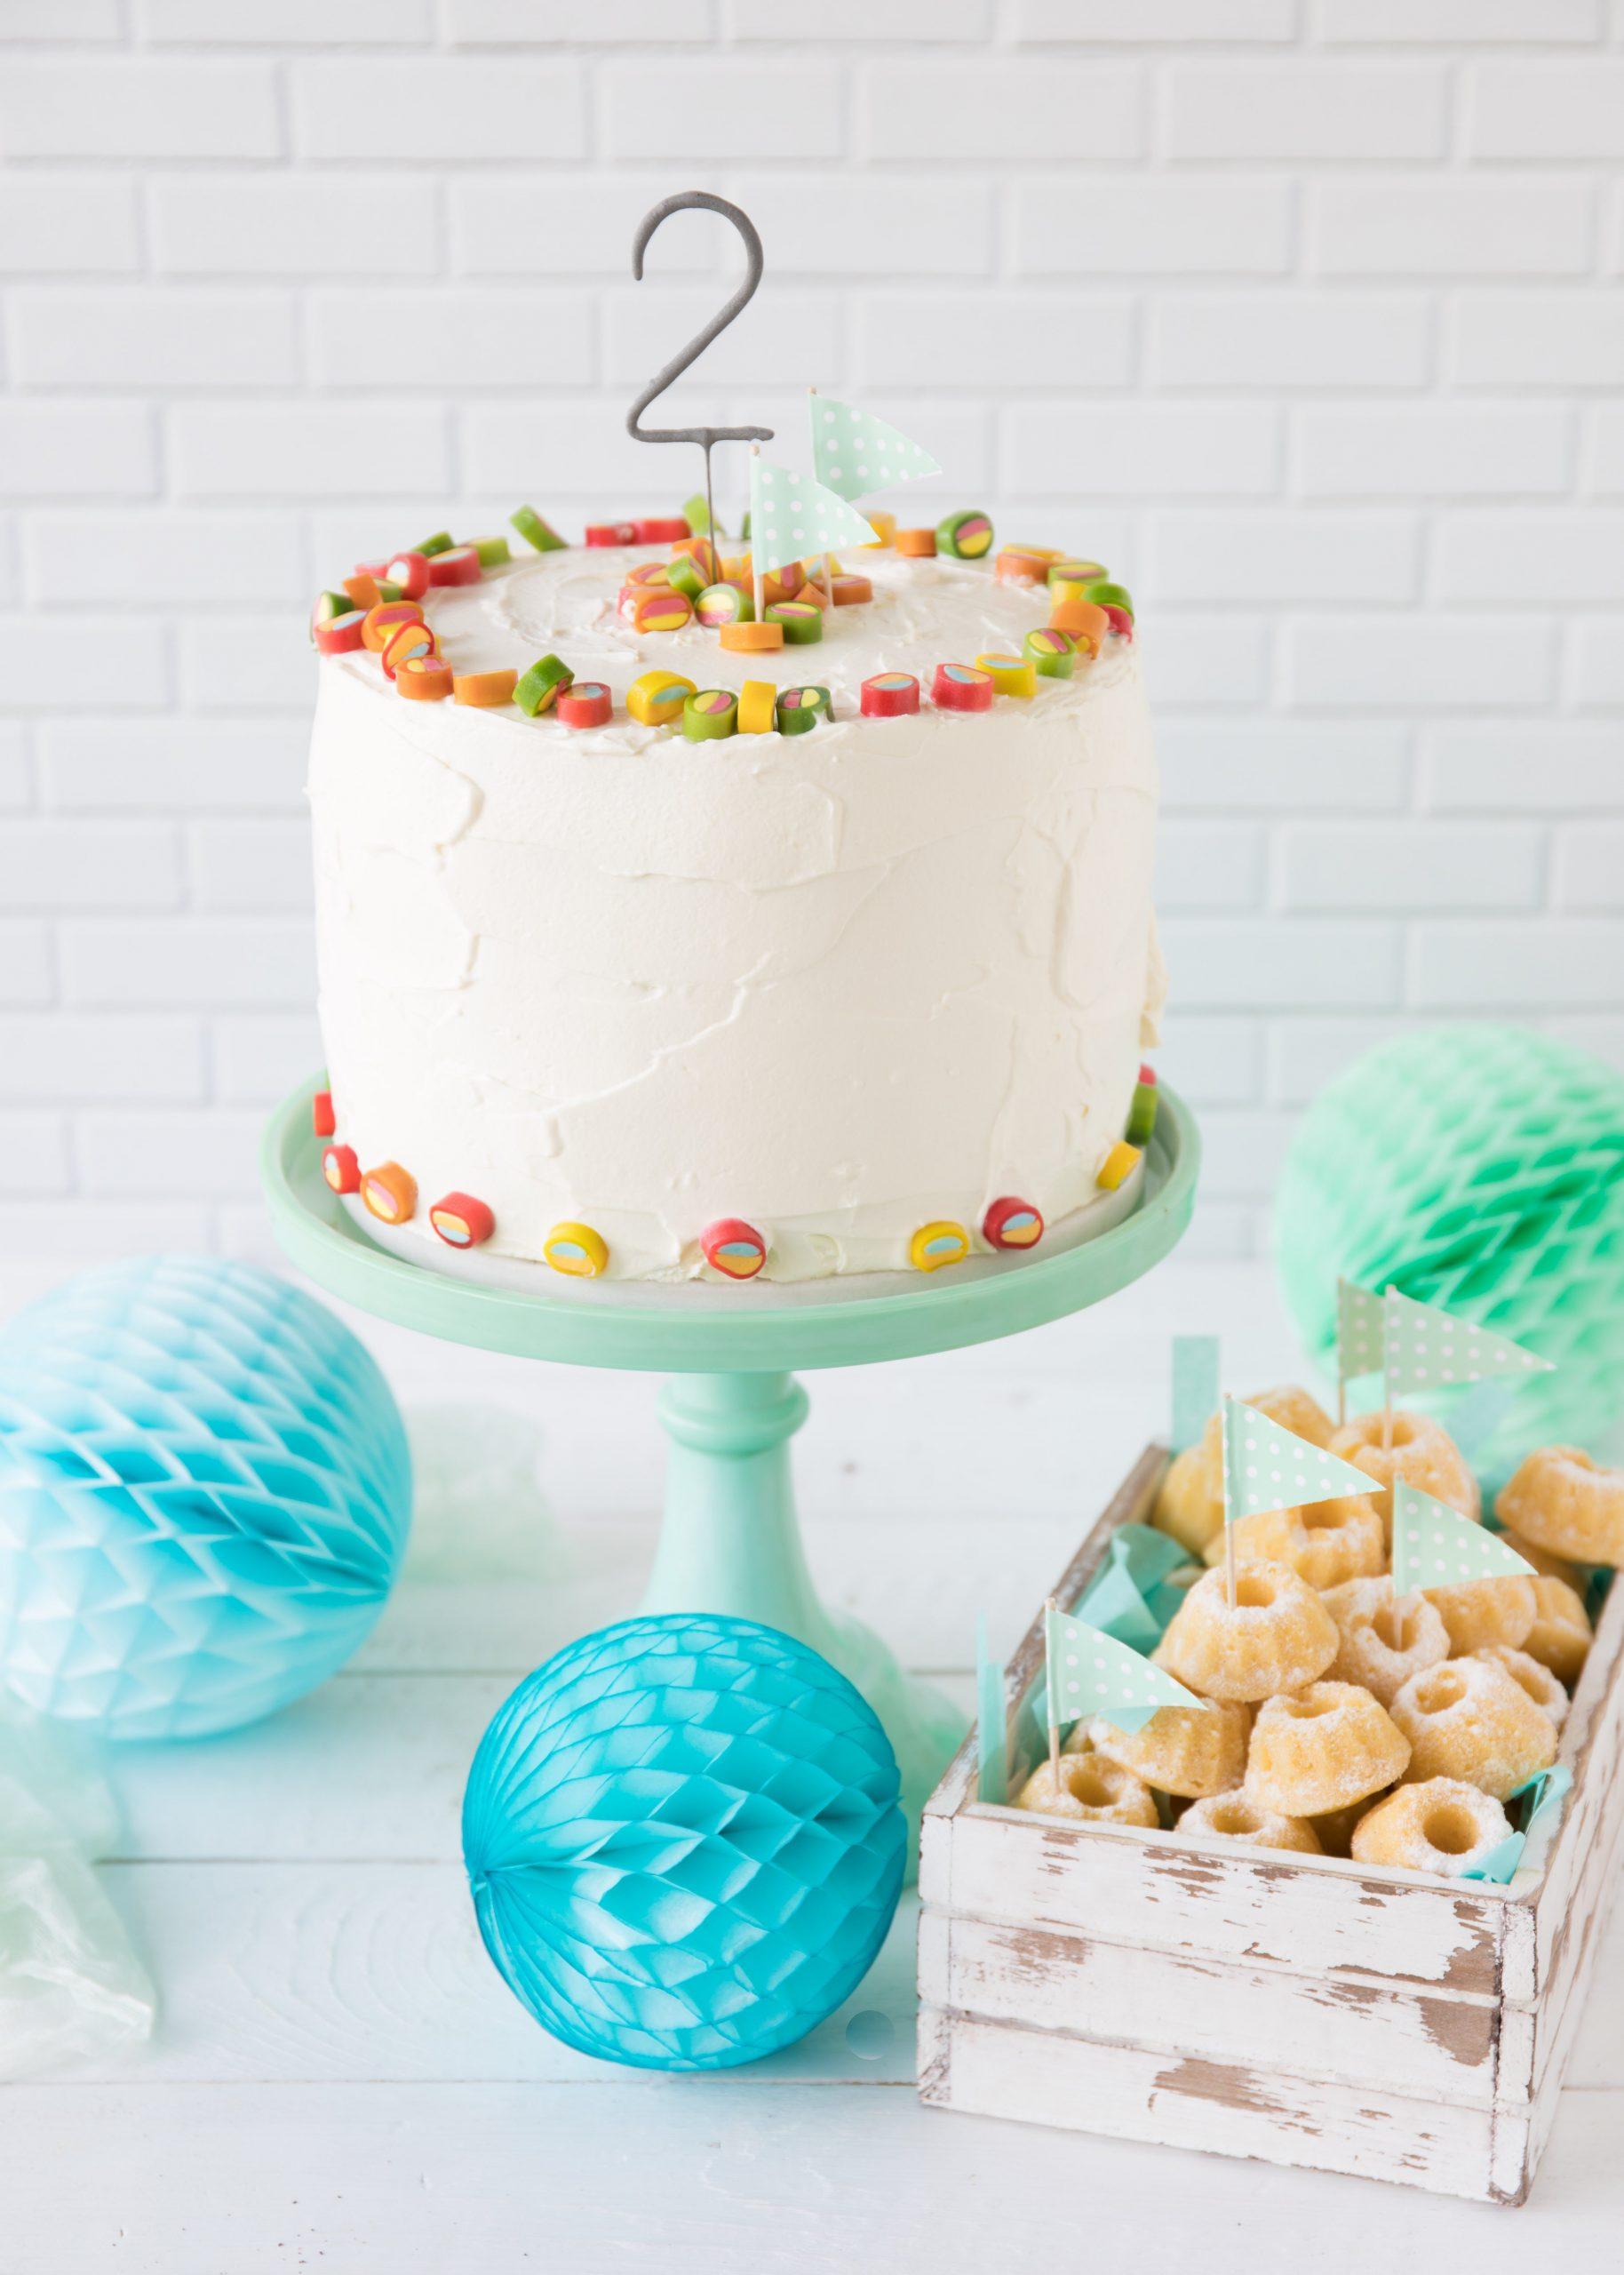 3 Geburtstagskuchen-Ideen Für Jungs - Emma's Lieblingsstücke für Geburtstagstorte Für Jungs